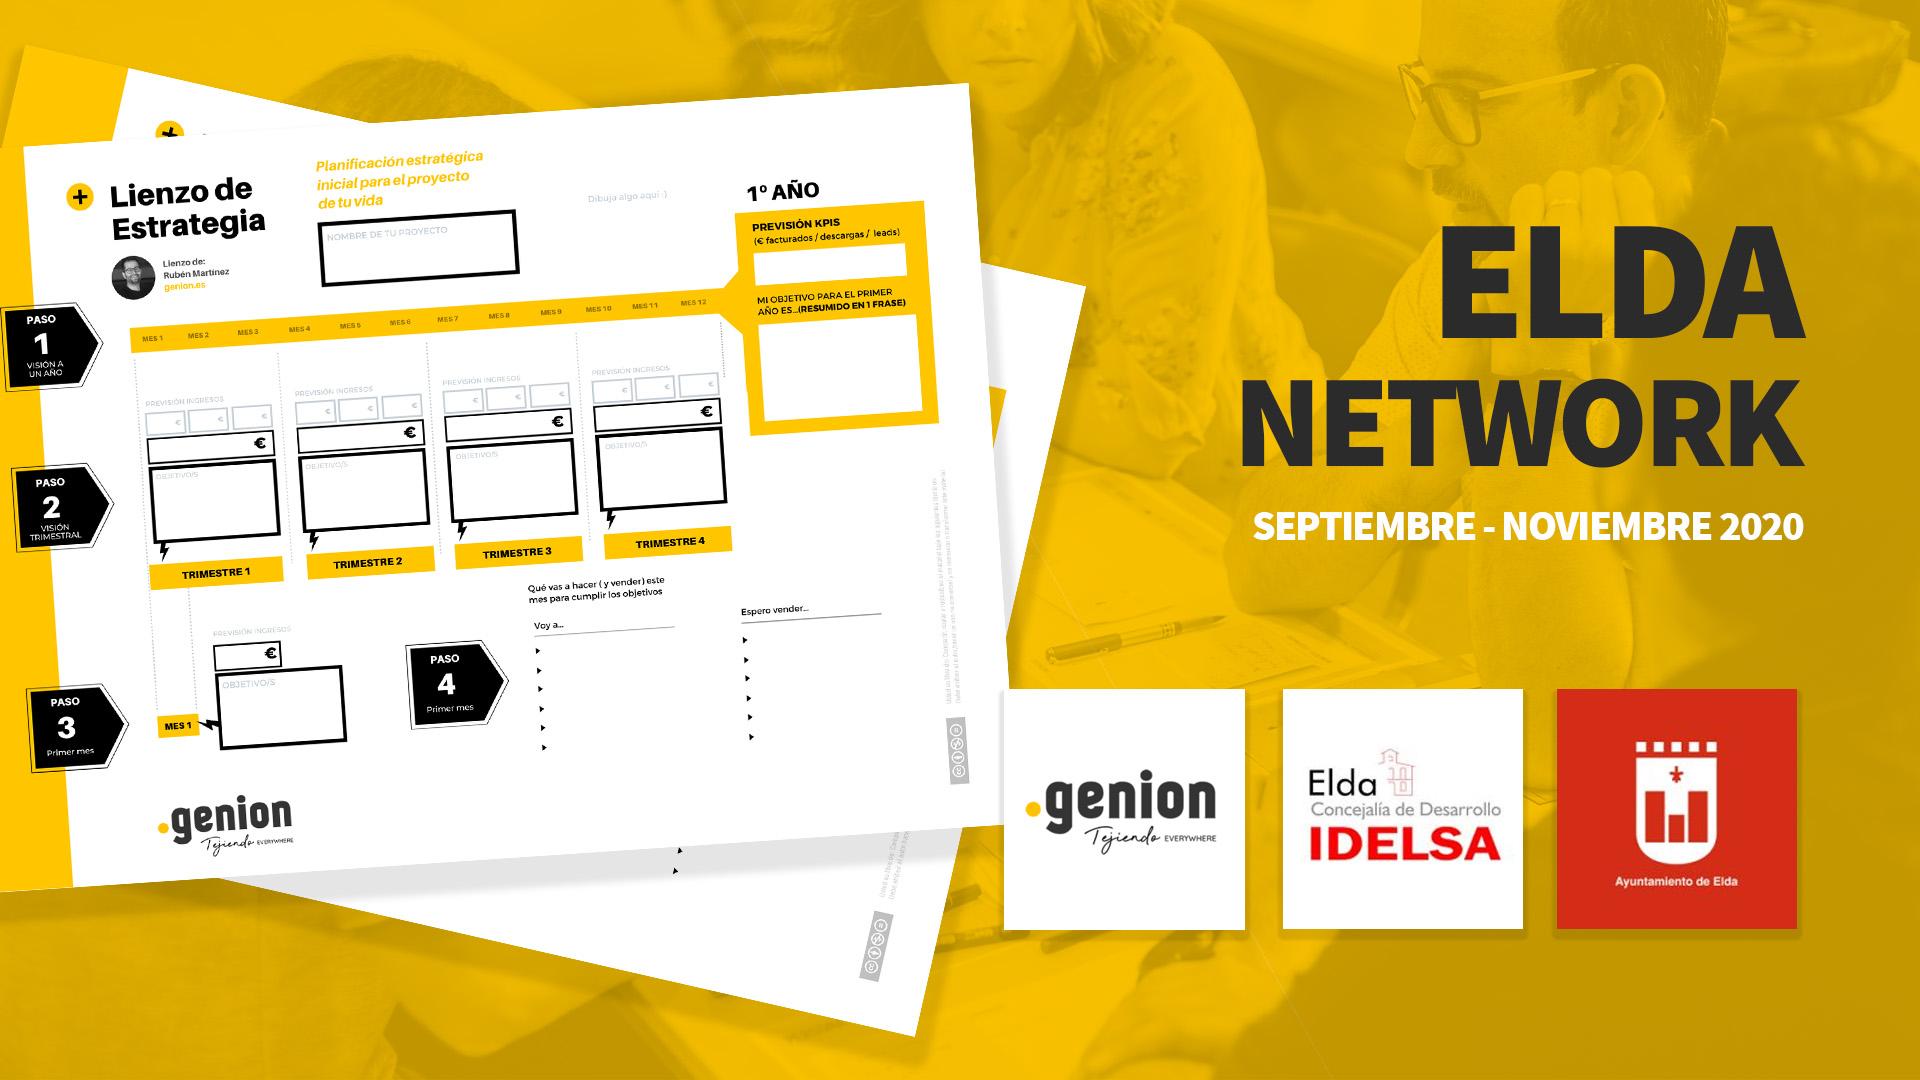 Idelsa impulsa la comunidad online formativa Elda Network para emprendedores